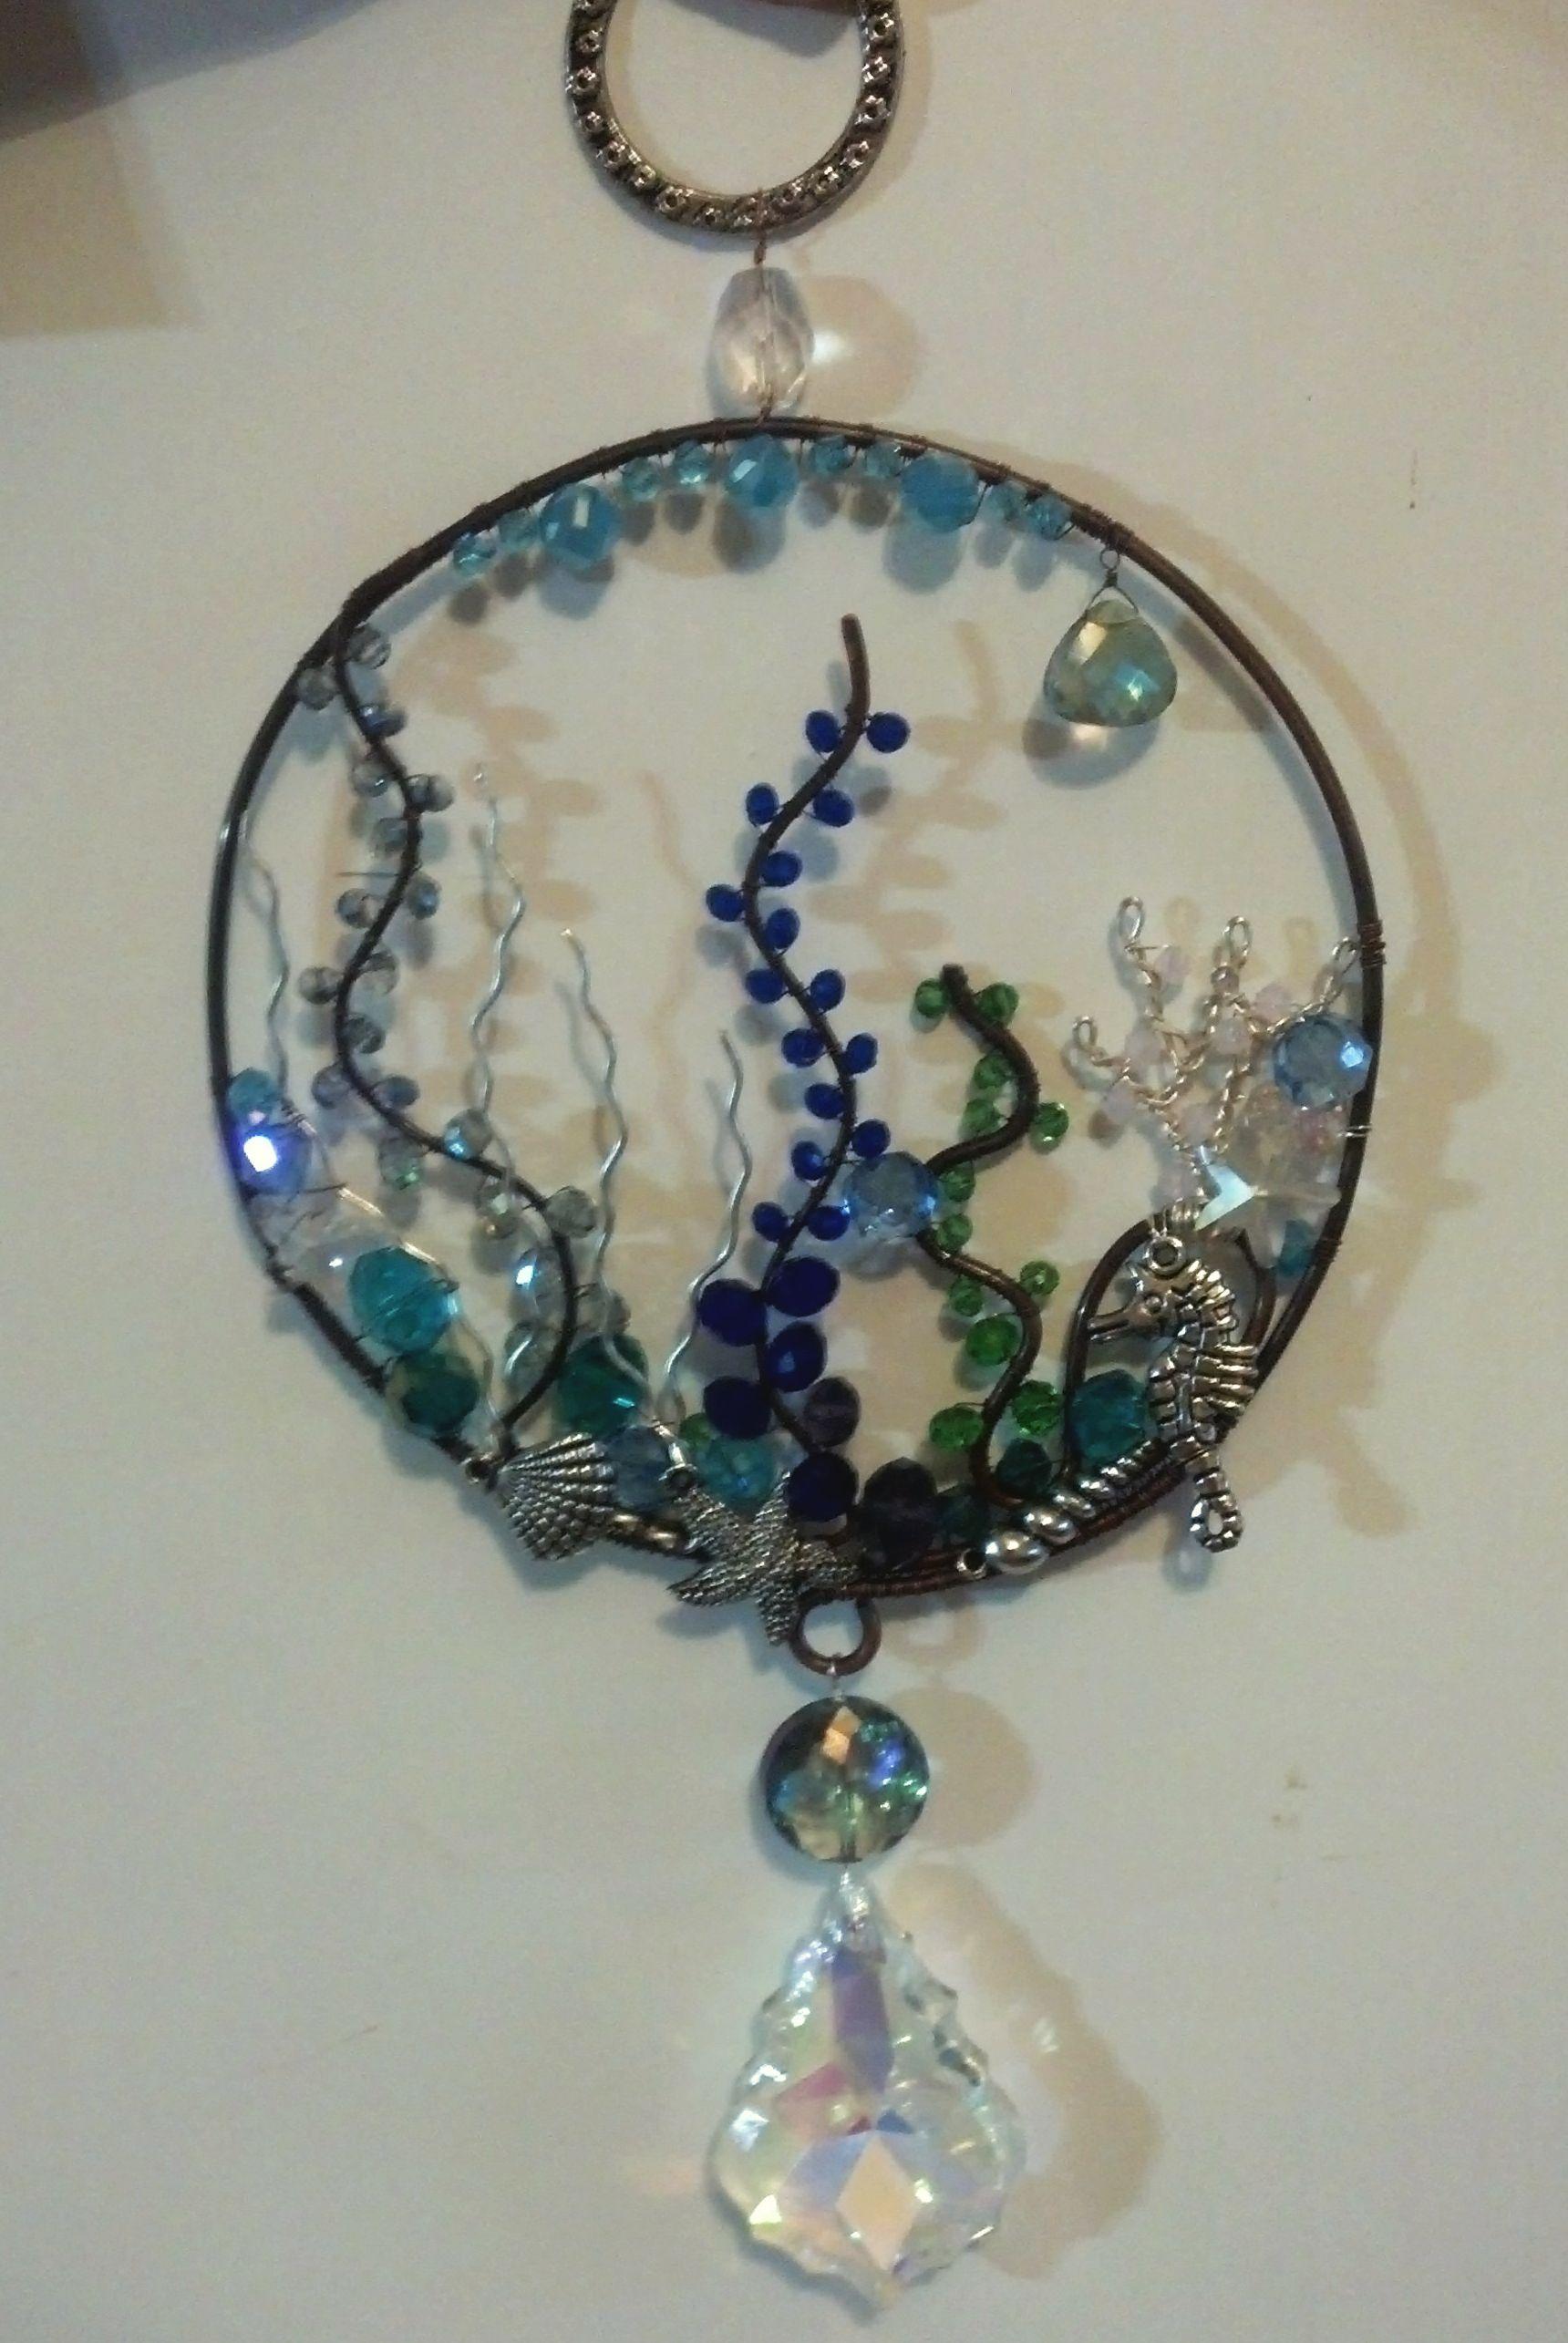 Pin By Aubrey Bouck On Wire Art Jewelry Wire Jewelry Wire